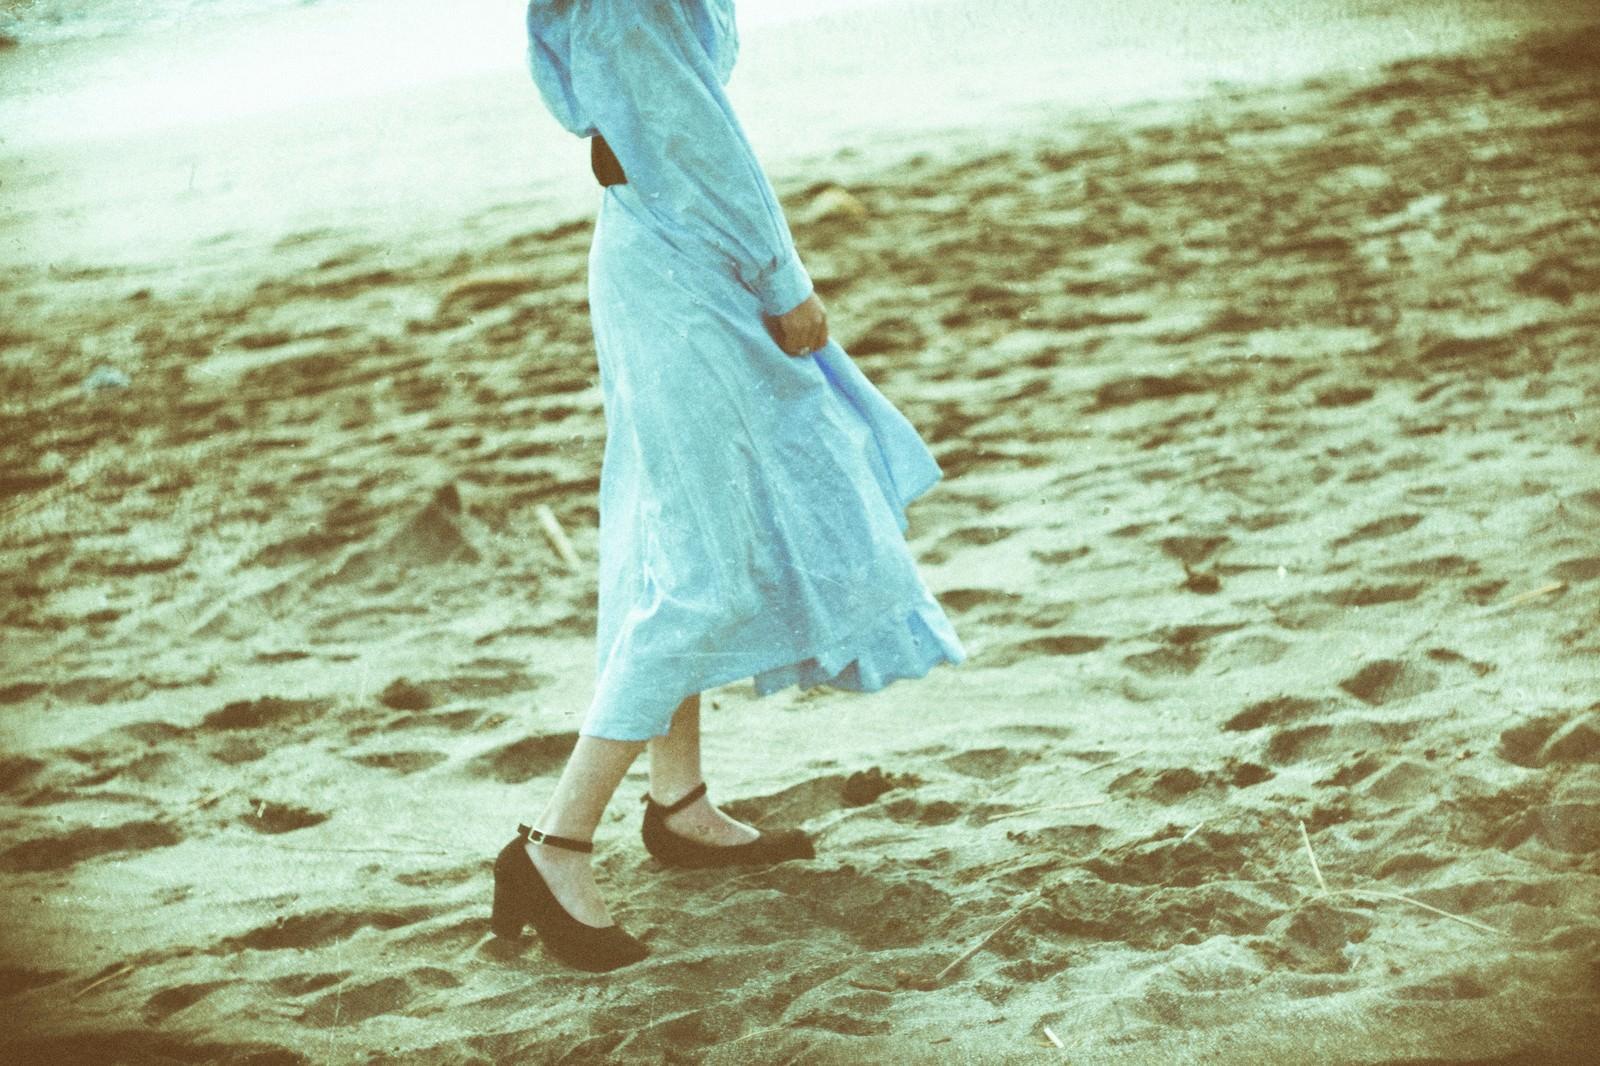 「砂浜を彼女と歩く記録砂浜を彼女と歩く記録」のフリー写真素材を拡大